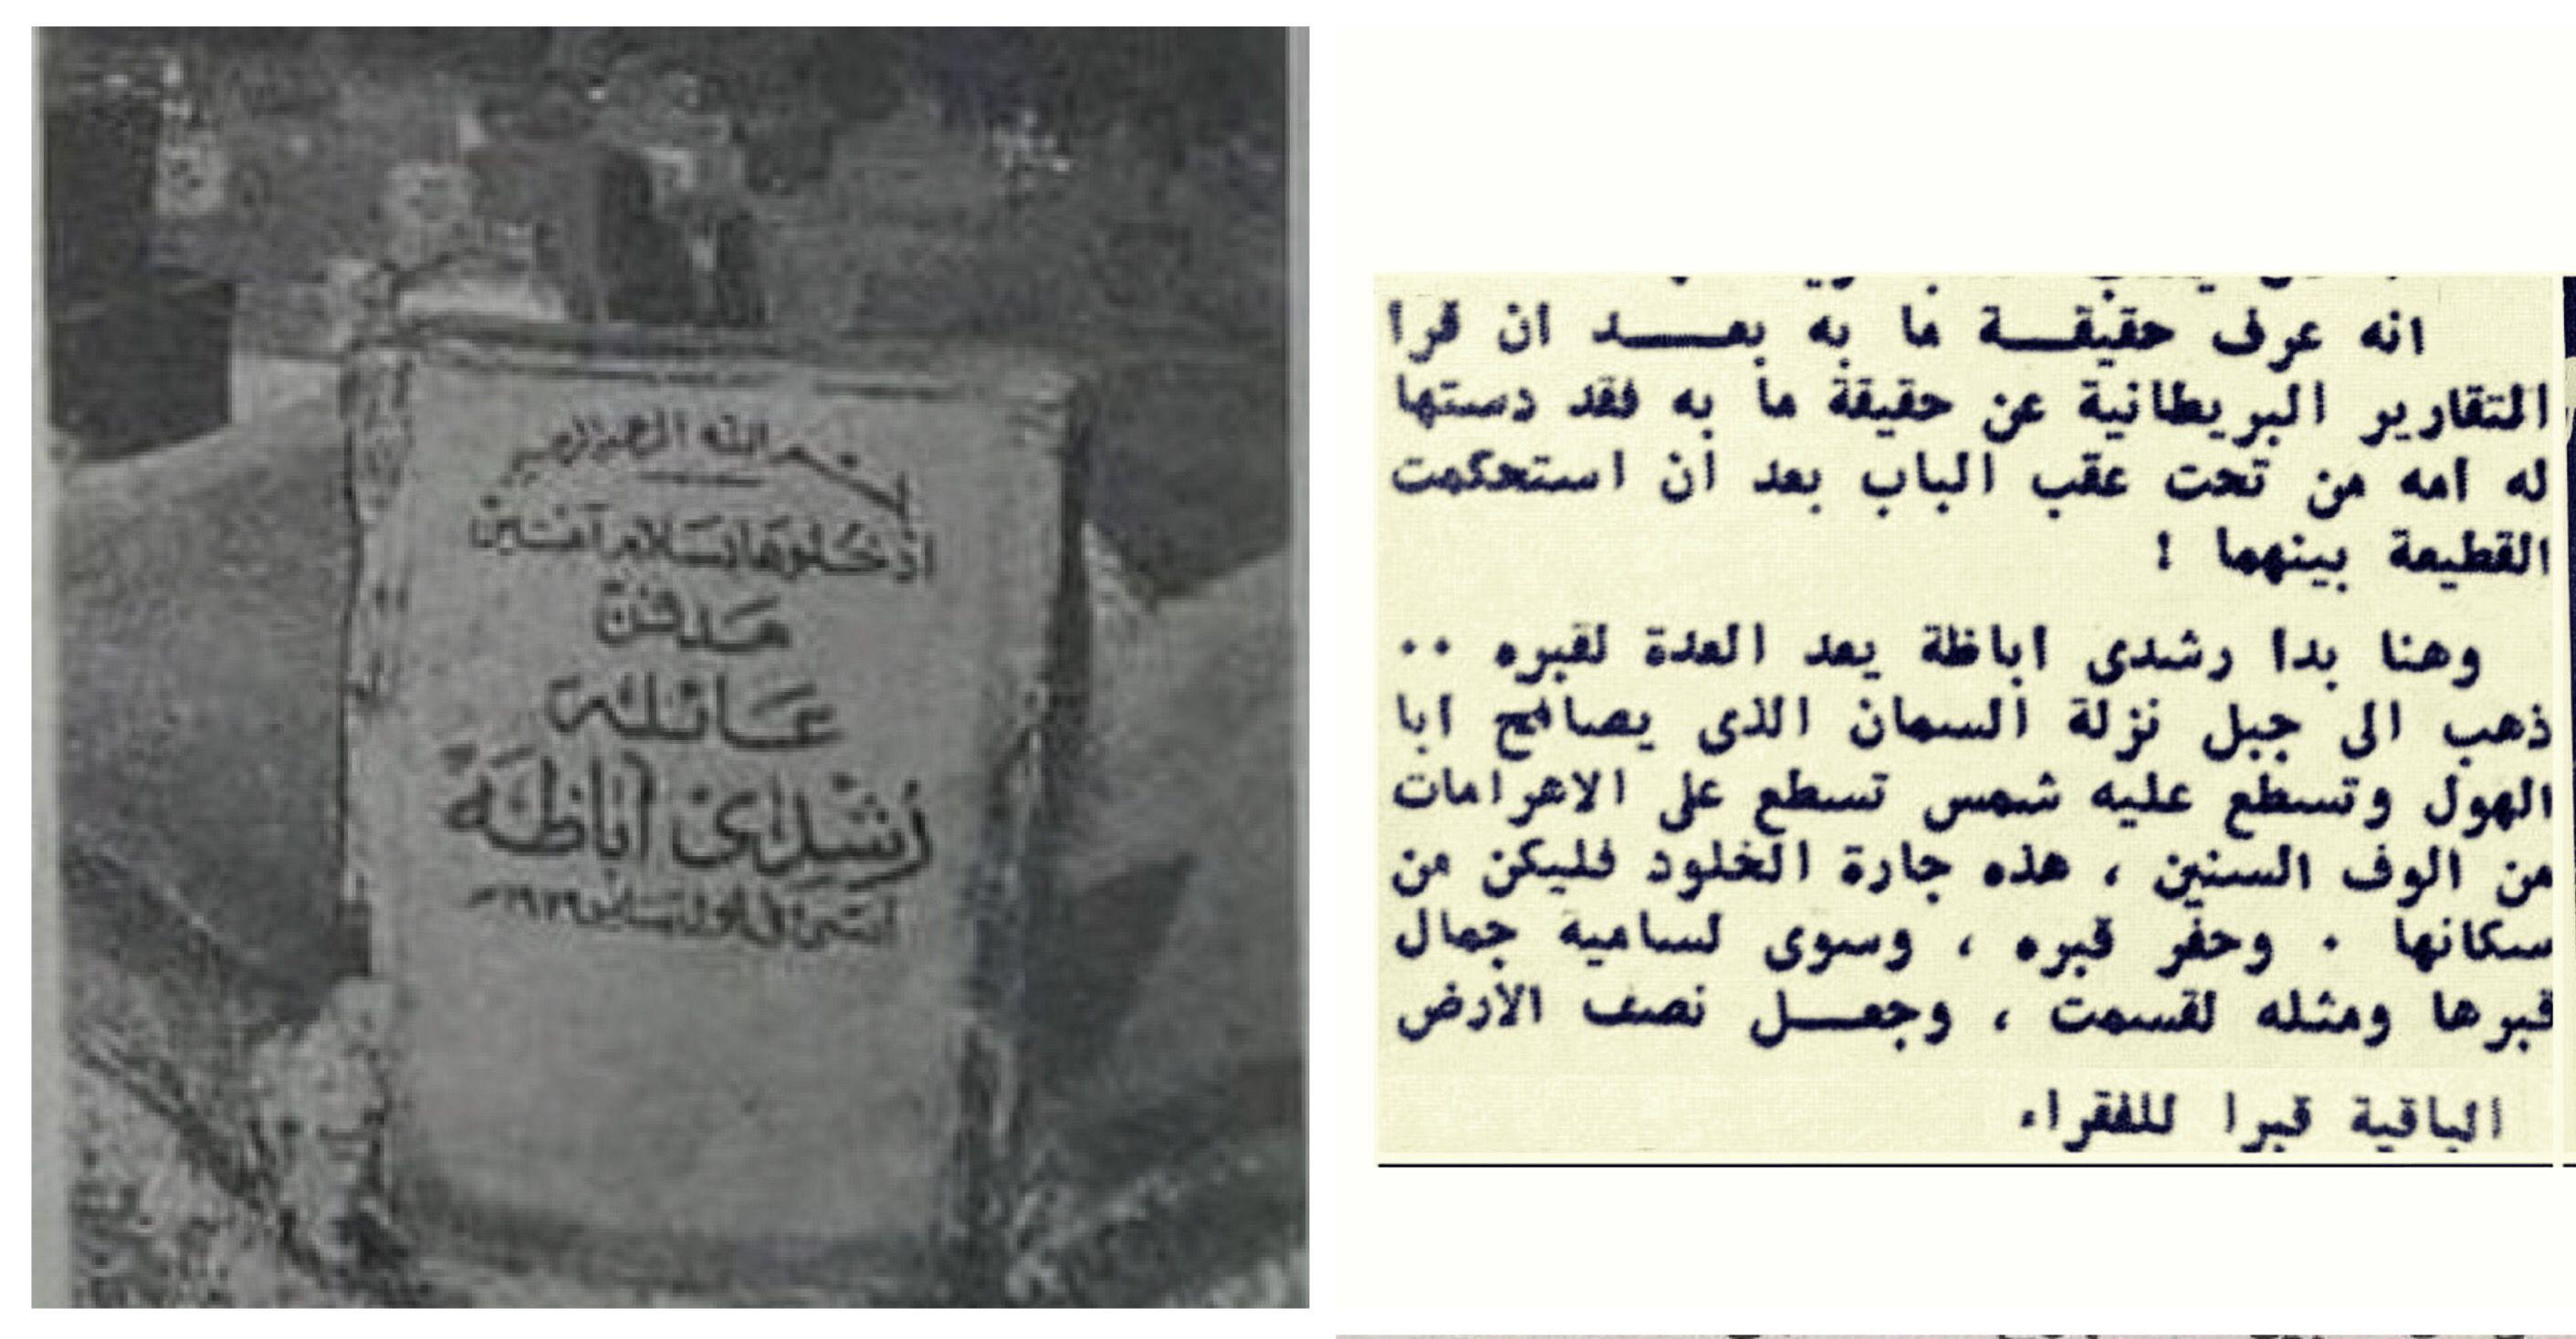 سامية جمال و رشدي اباظة Event Event Ticket